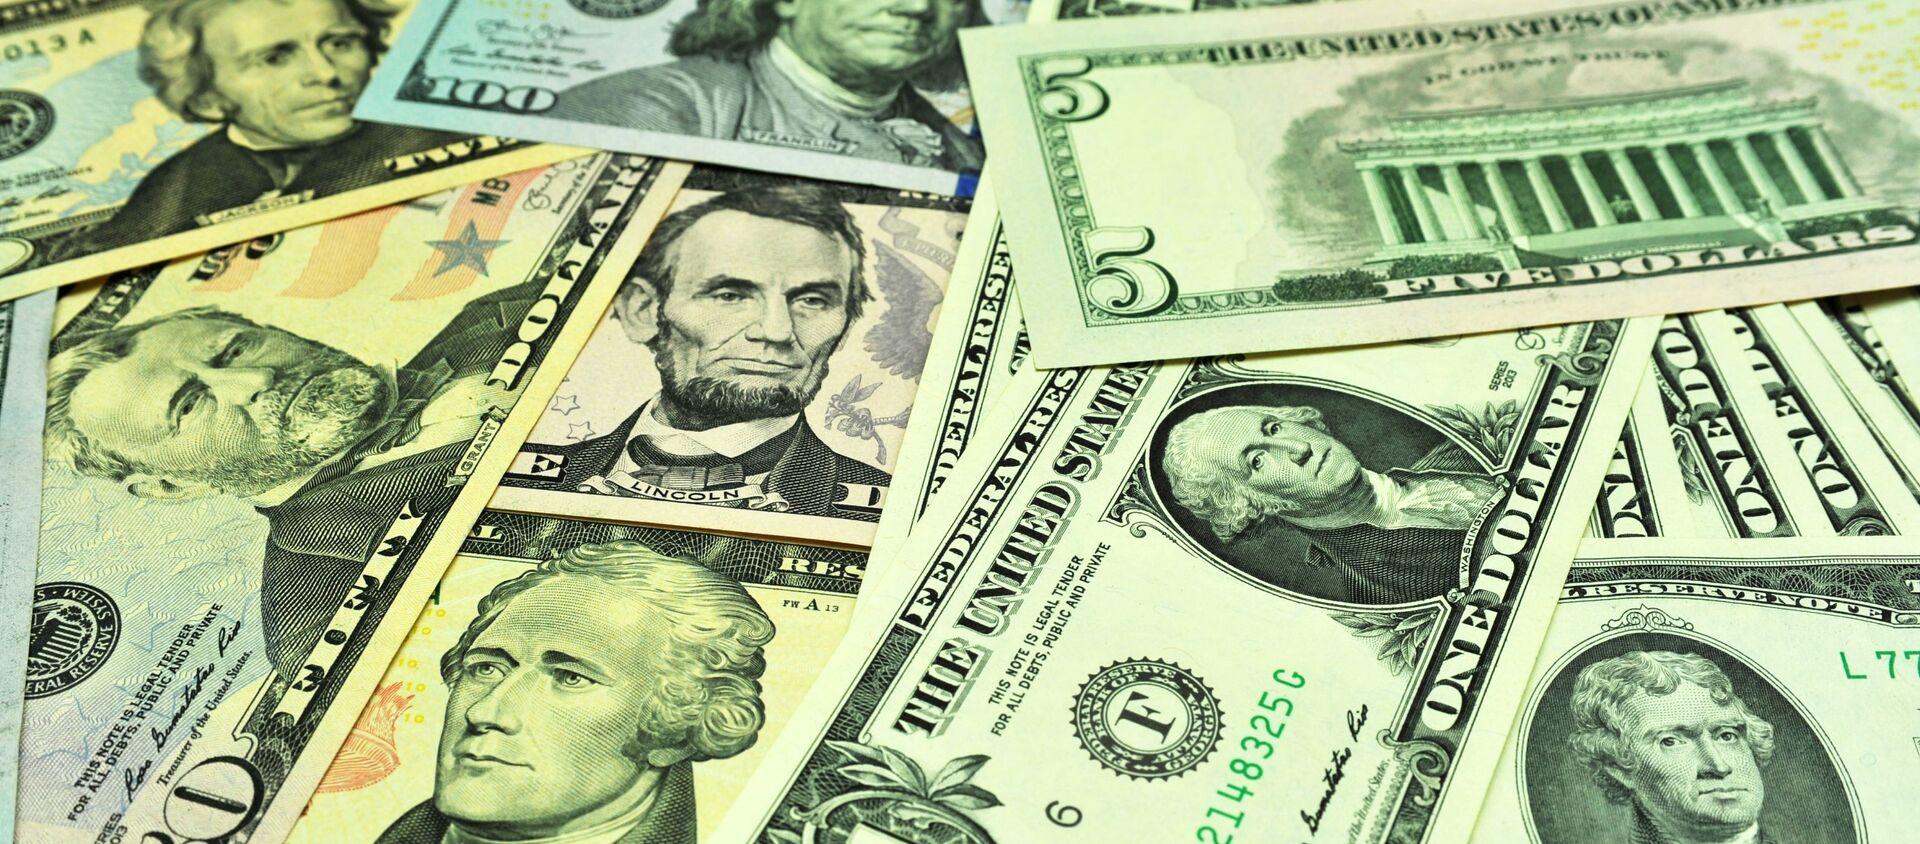 Банкноты долларов США различного достоинства - Sputnik Узбекистан, 1920, 12.03.2020